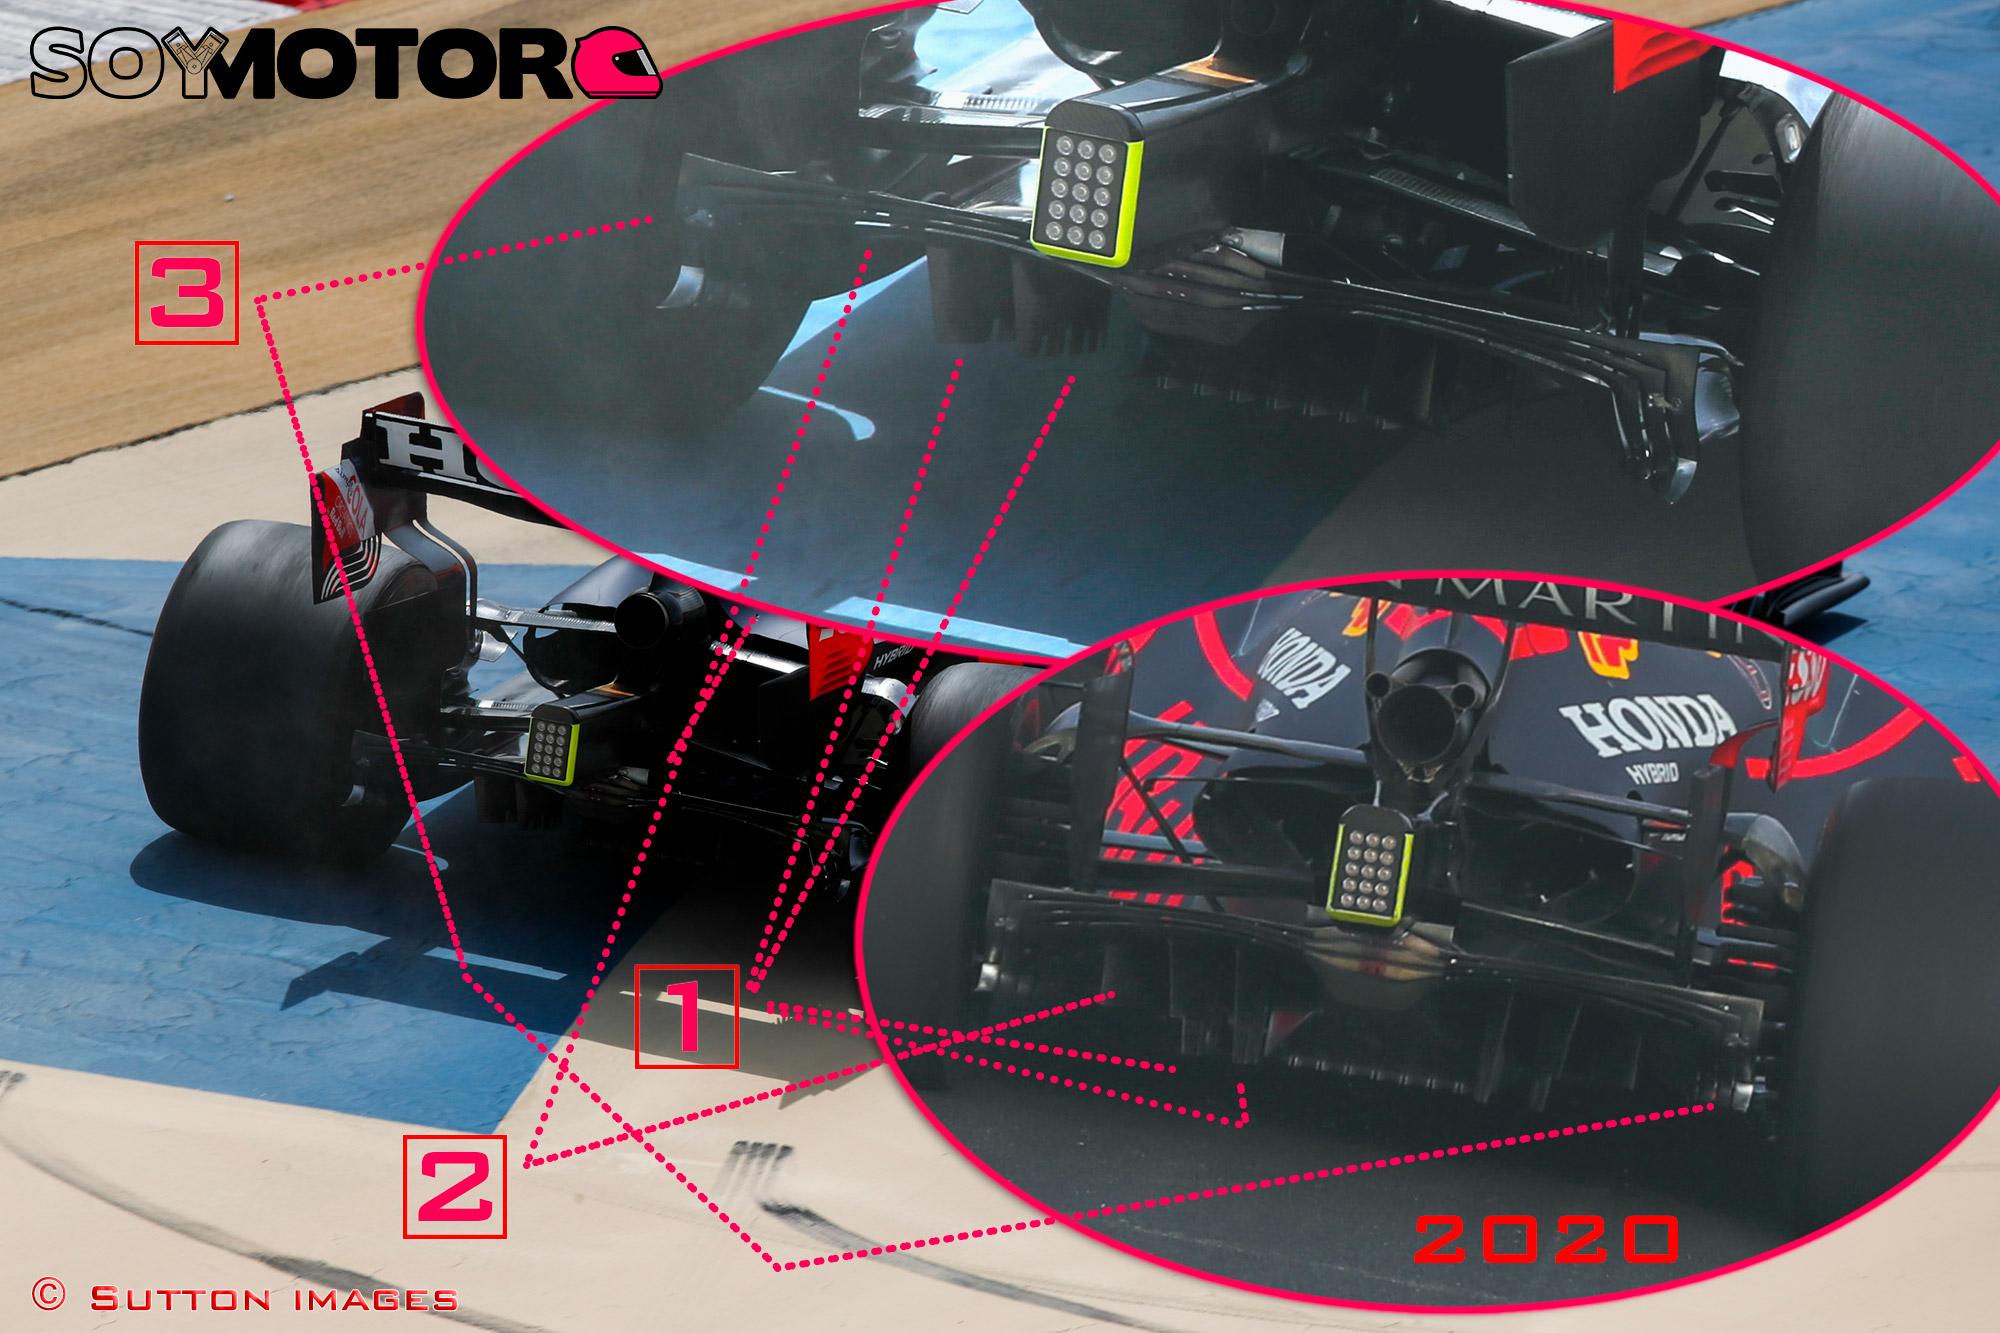 red-bull-difusor-soymotor_1.jpg